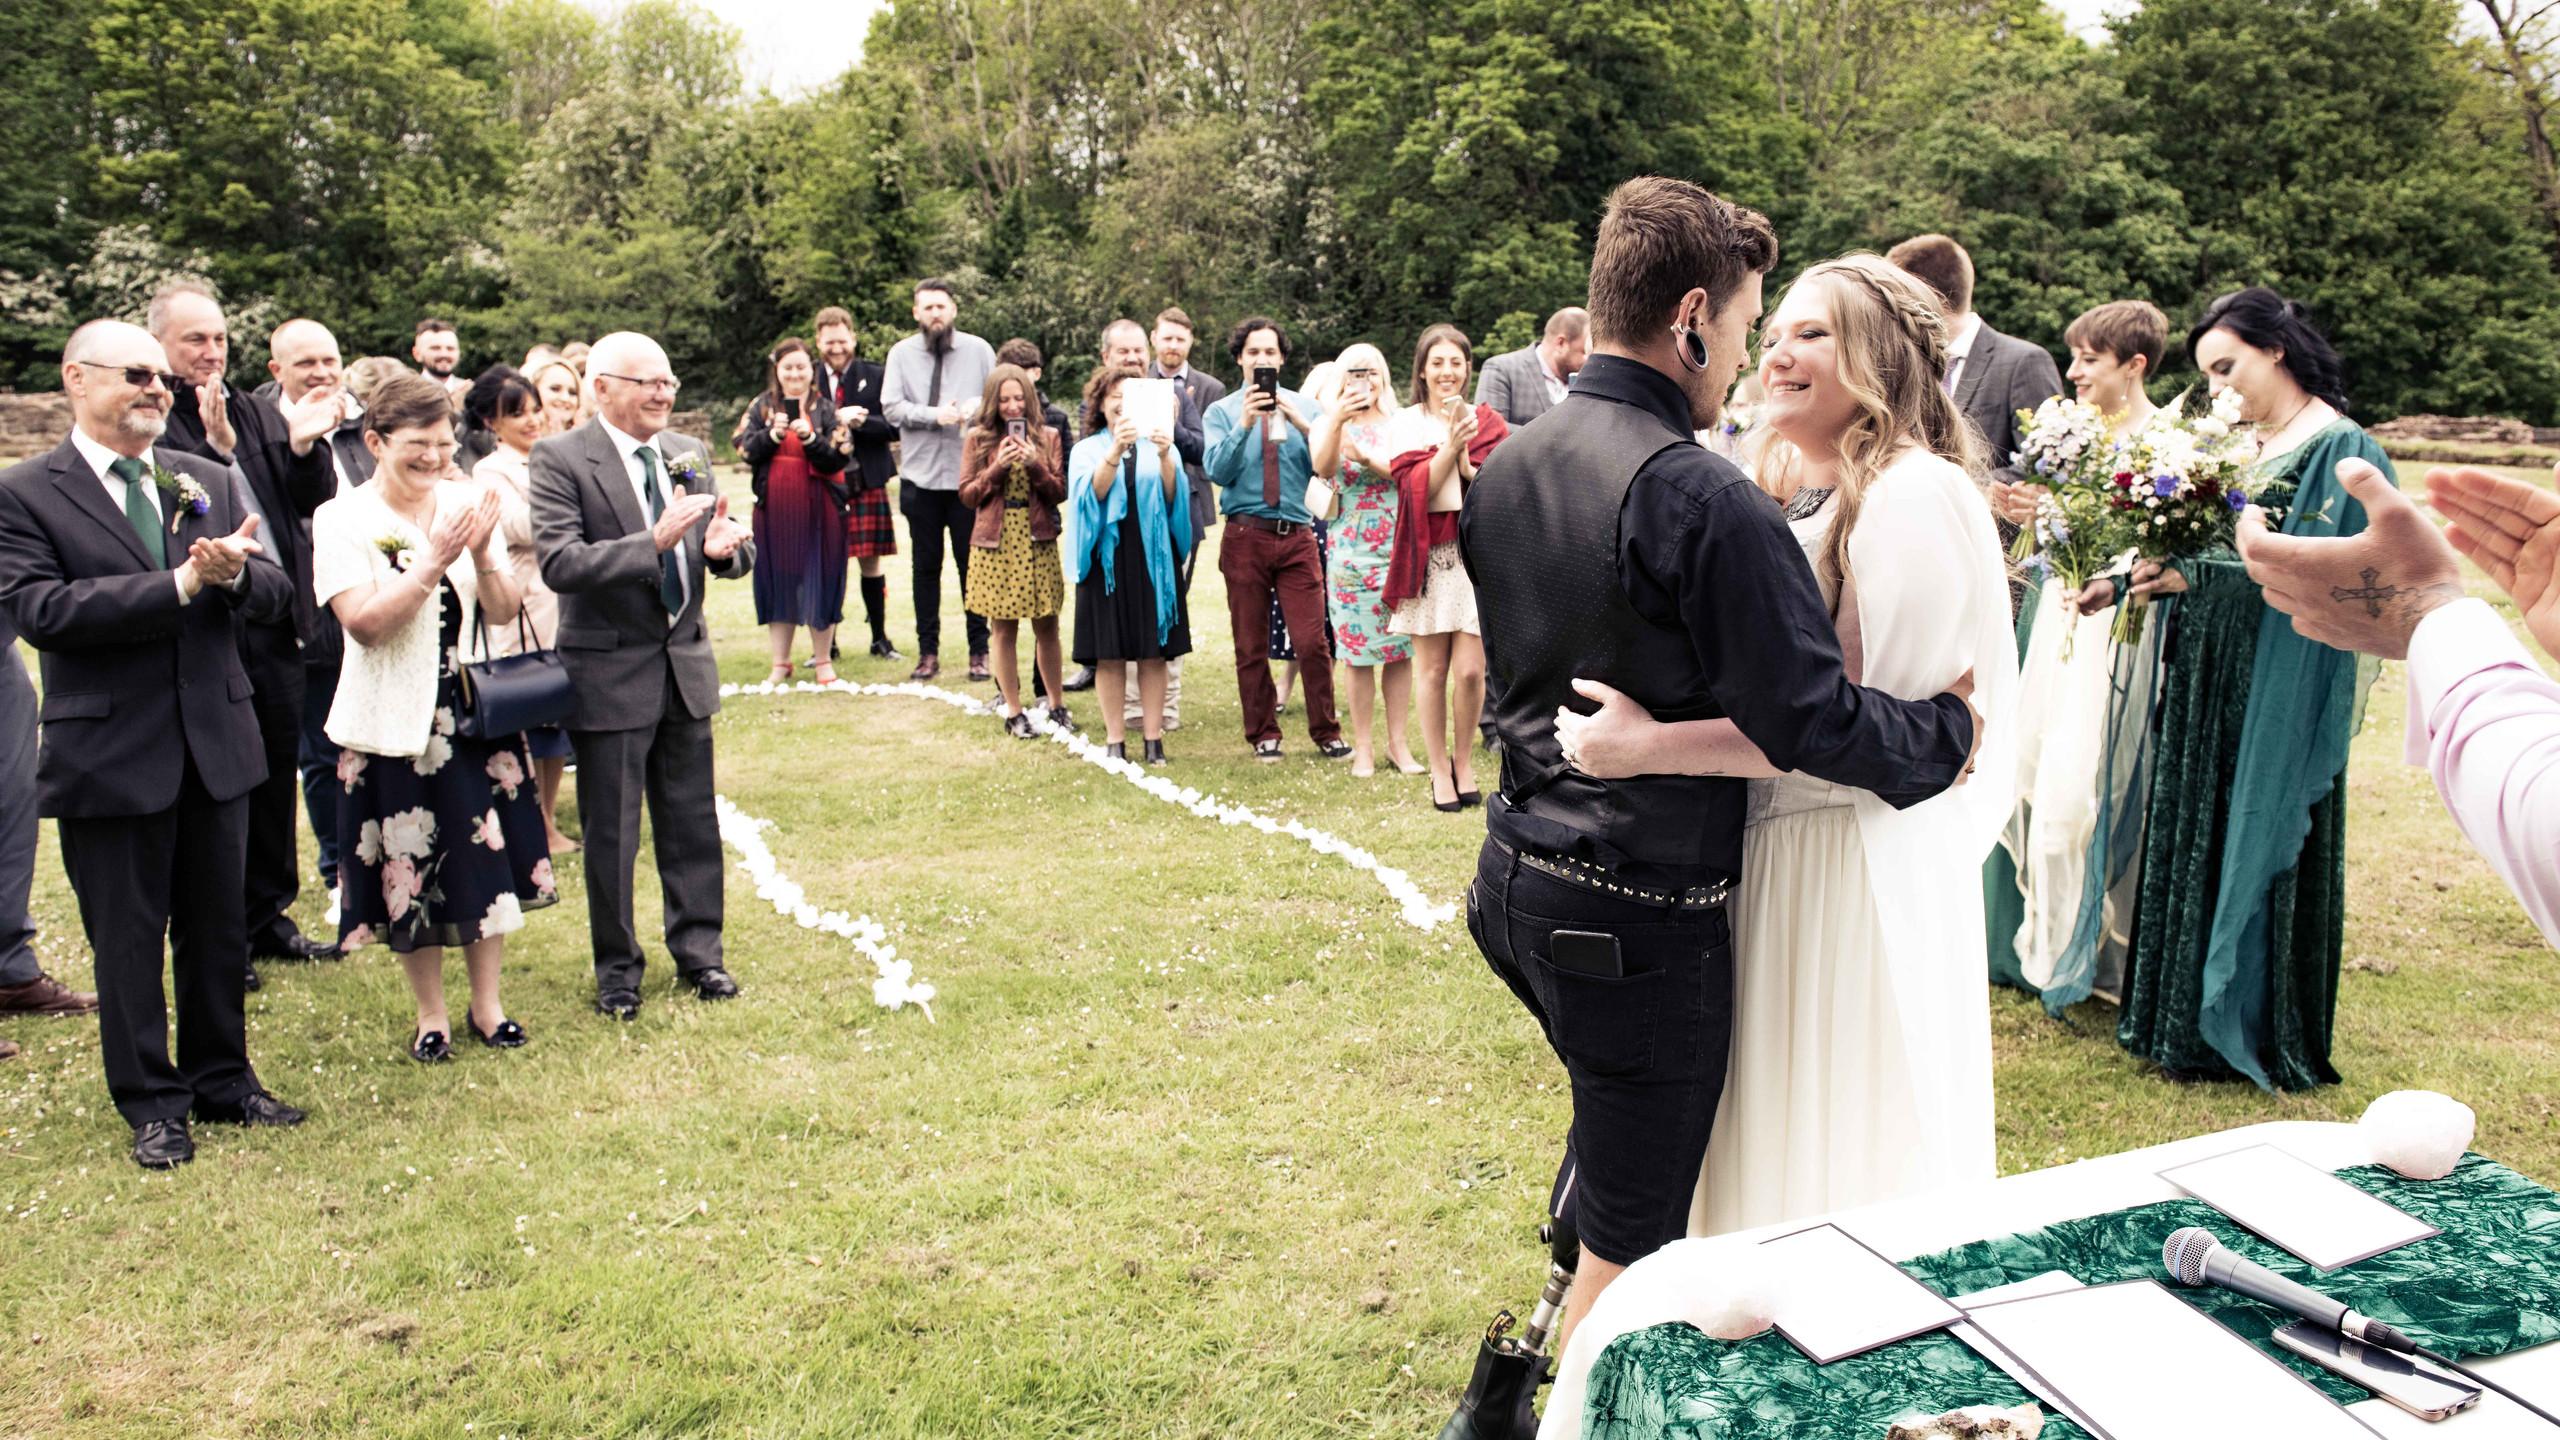 011 Wedding Photography